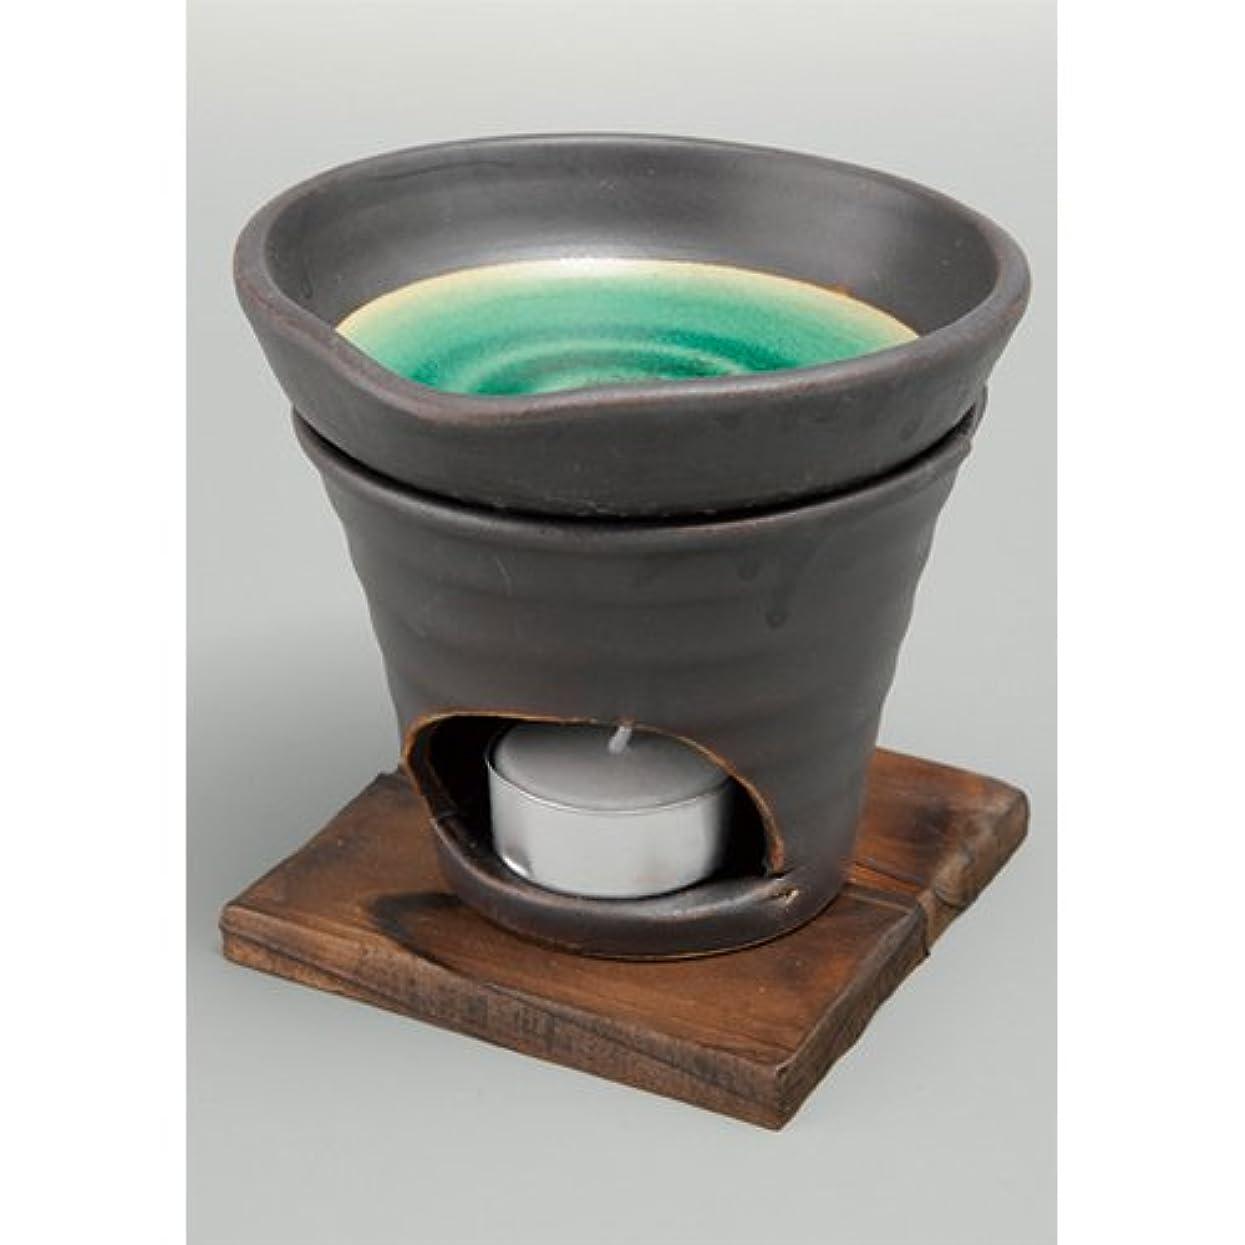 マンモス補正データム香炉 黒釉 茶香炉(緑) [R11.8xH11.5cm] HANDMADE プレゼント ギフト 和食器 かわいい インテリア